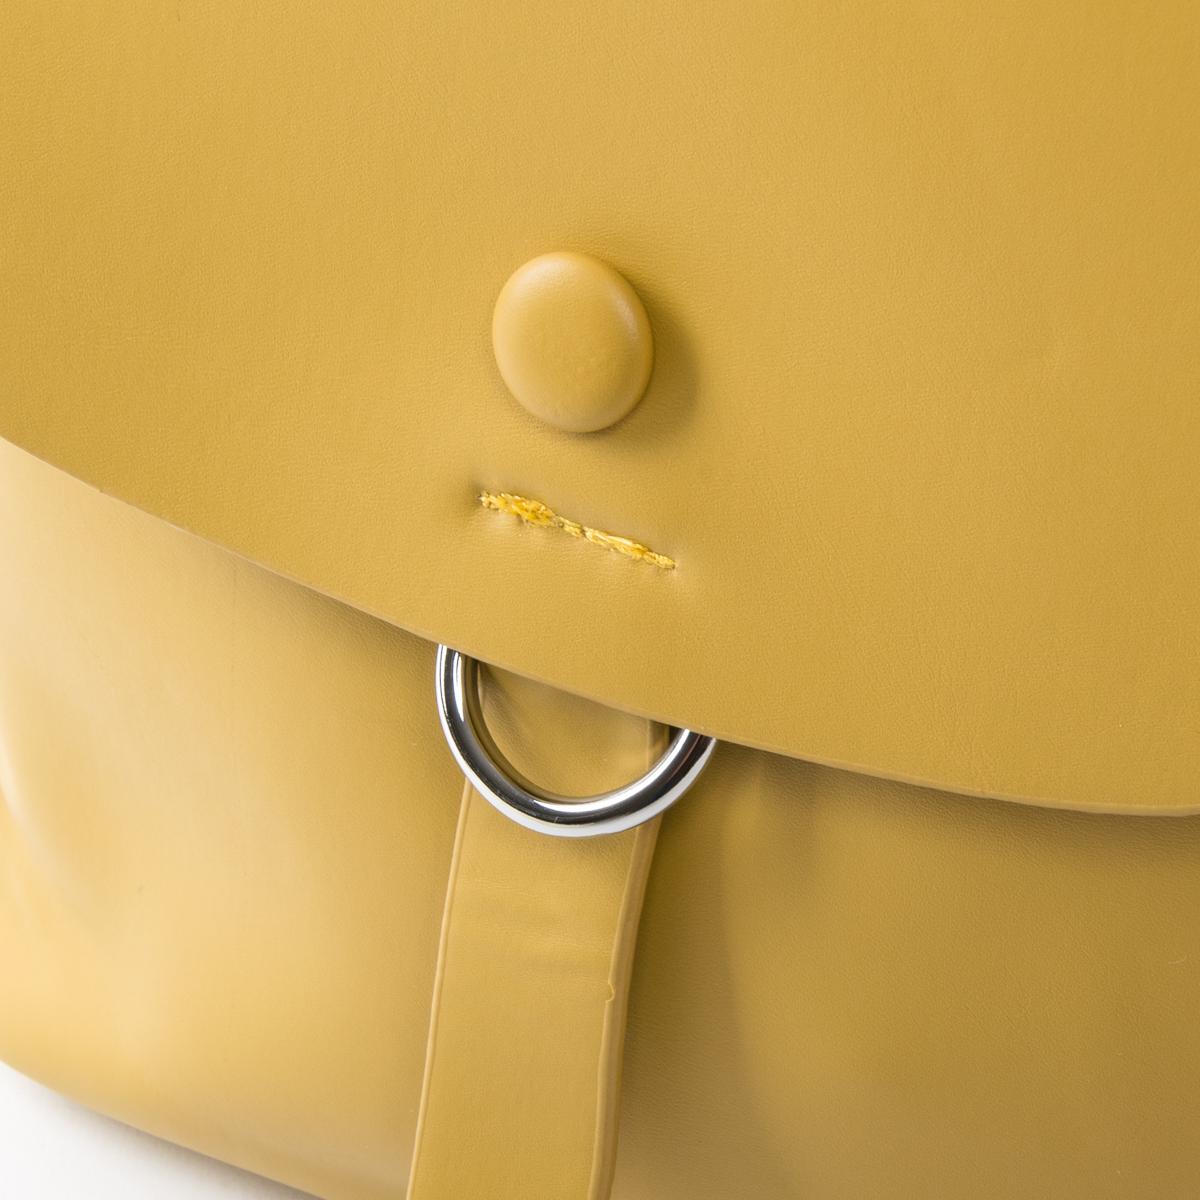 Сумка Женская Рюкзак иск-кожа FASHION 01-04 6151 yellow - фото 3